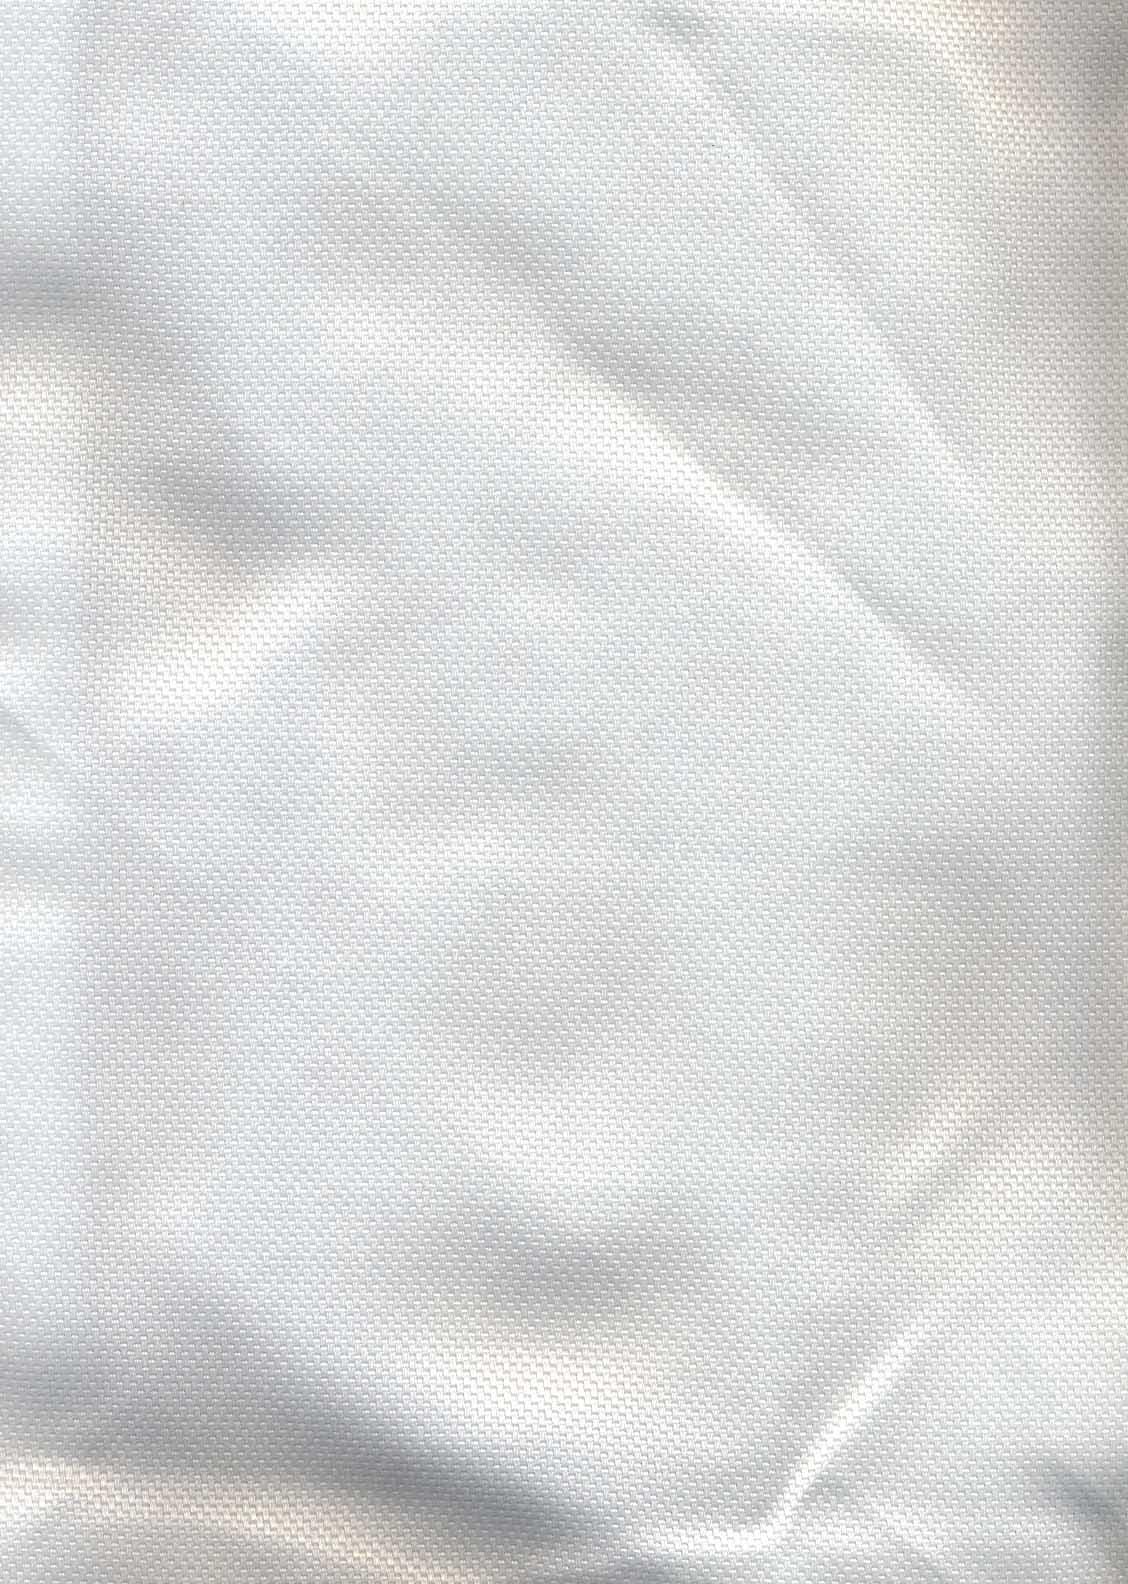 کیف پارچه ای 26*35 (طرح جغد و جوجه)